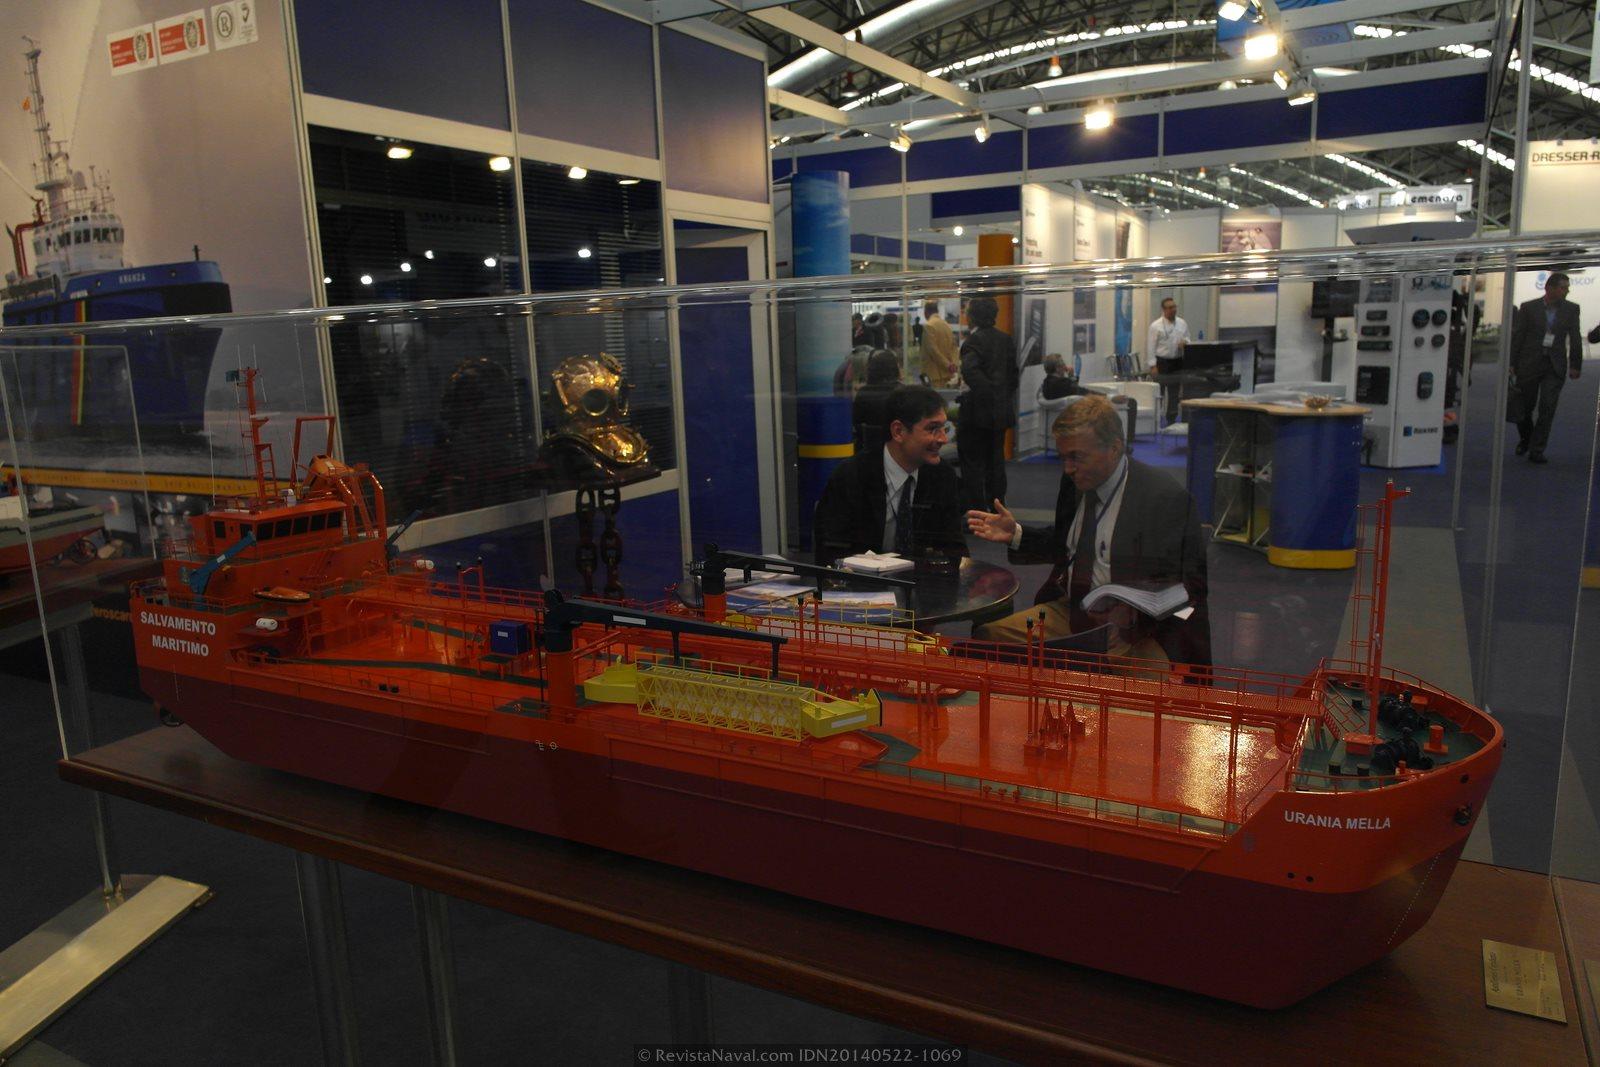 Modelo del Urania Mella, hoy renombrado como Monte Arucas (Foto: Revista Naval)